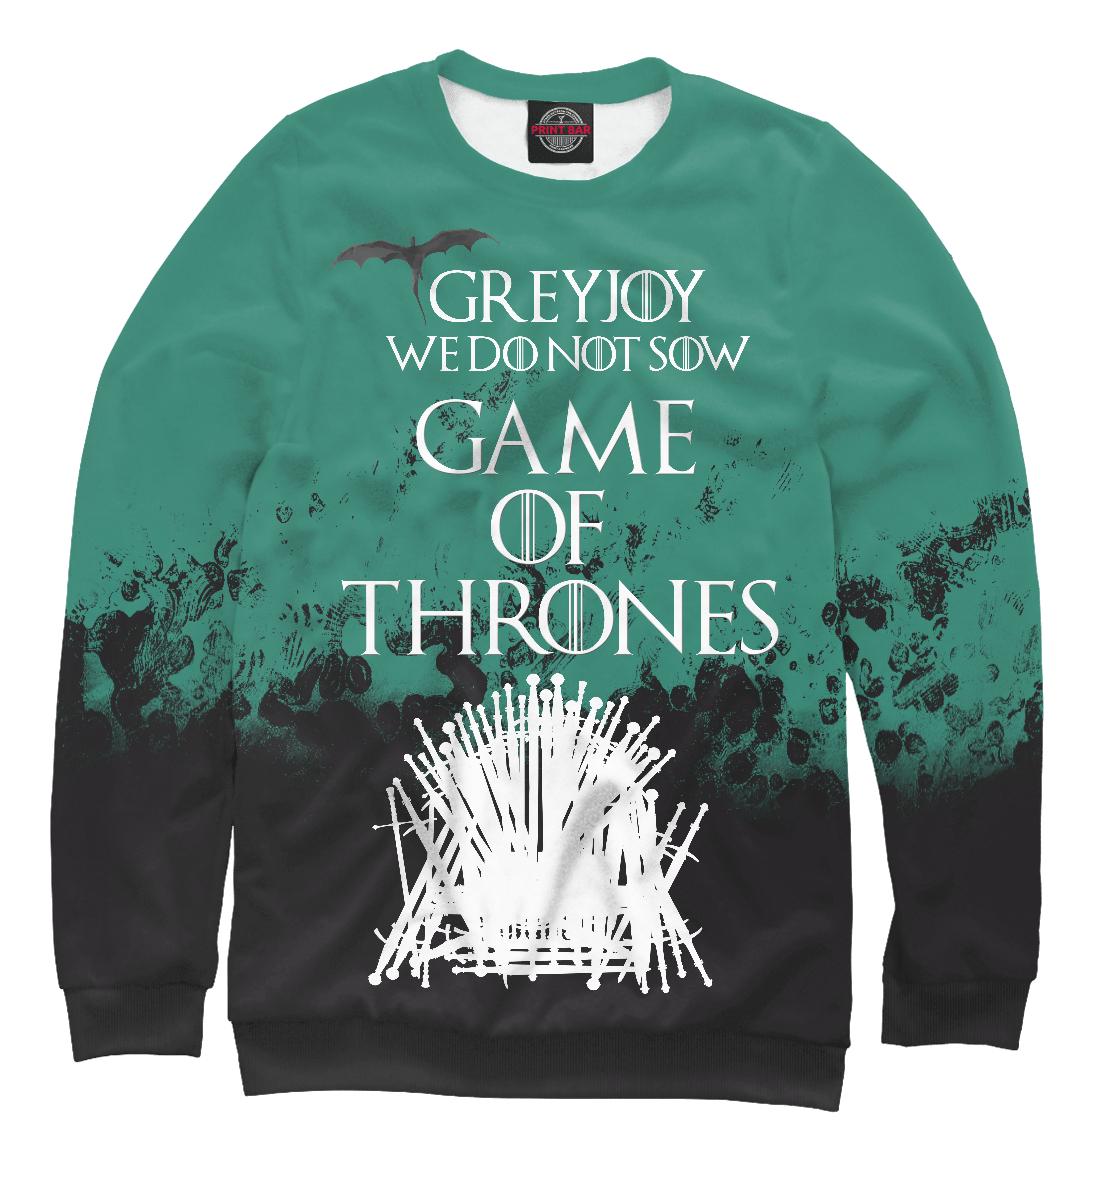 Купить Game of thrones-Greyjoy, Printbar, Свитшоты, IGR-387337-swi-1